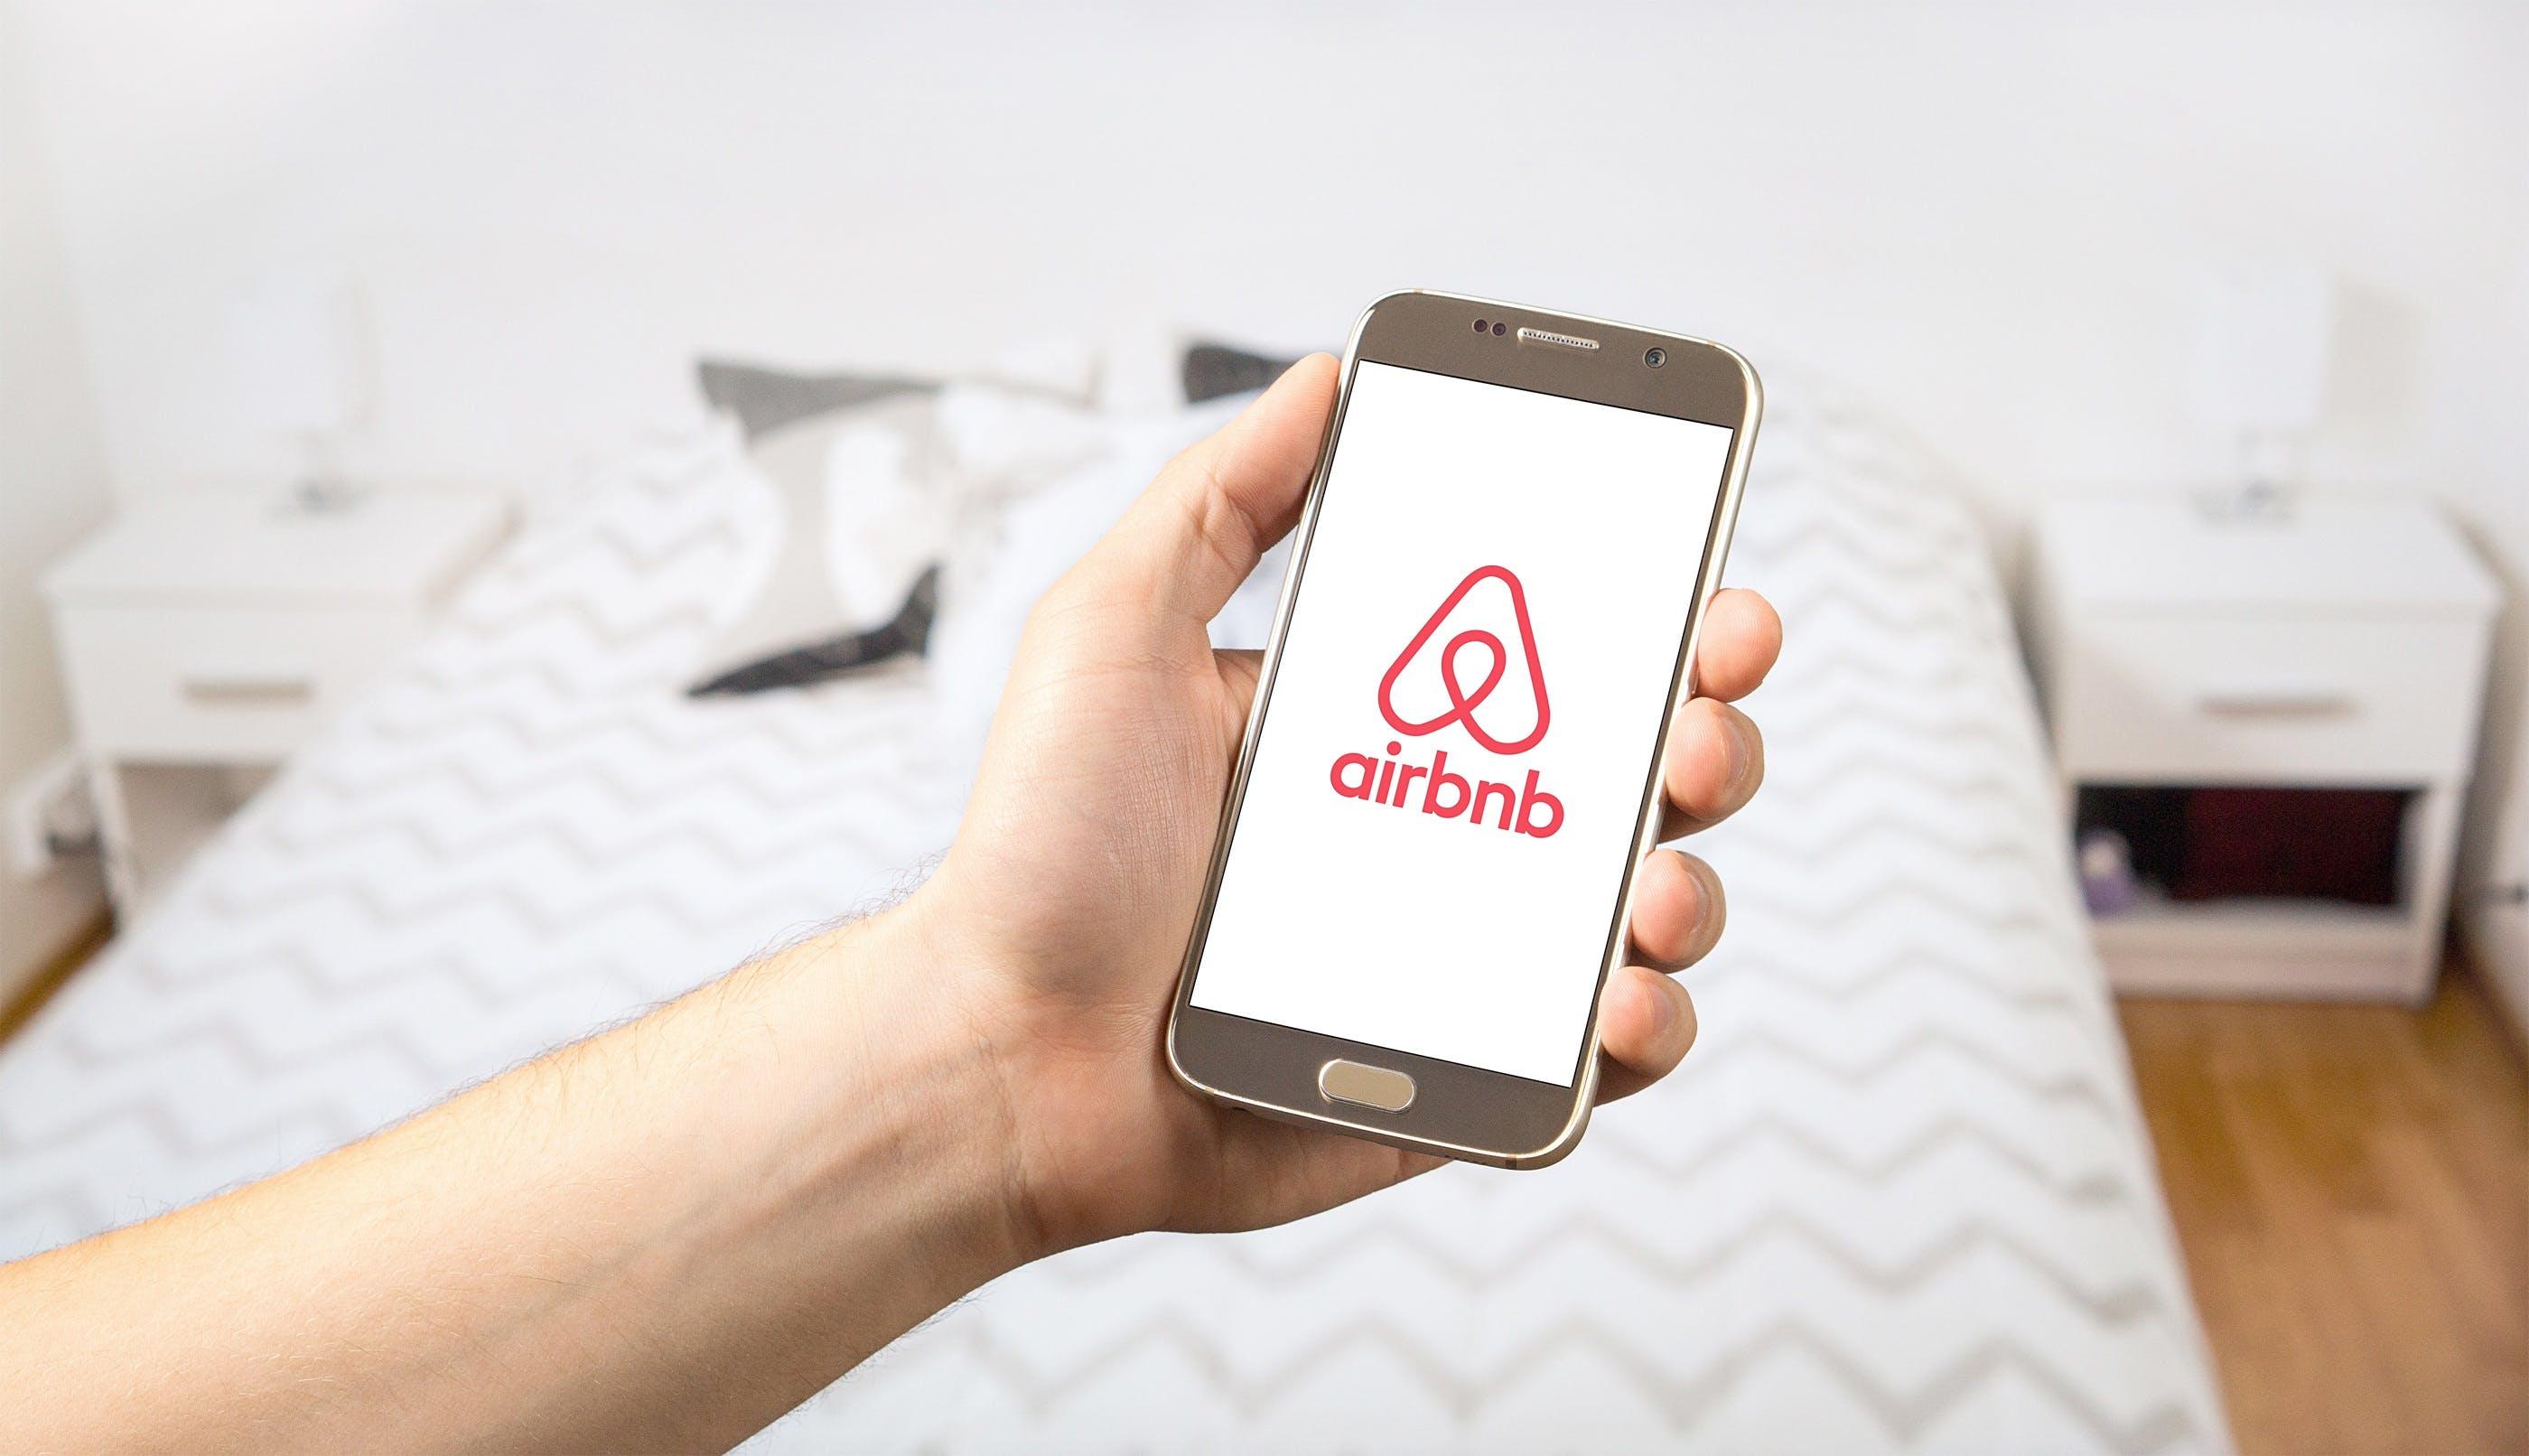 airbnb, apartment, app